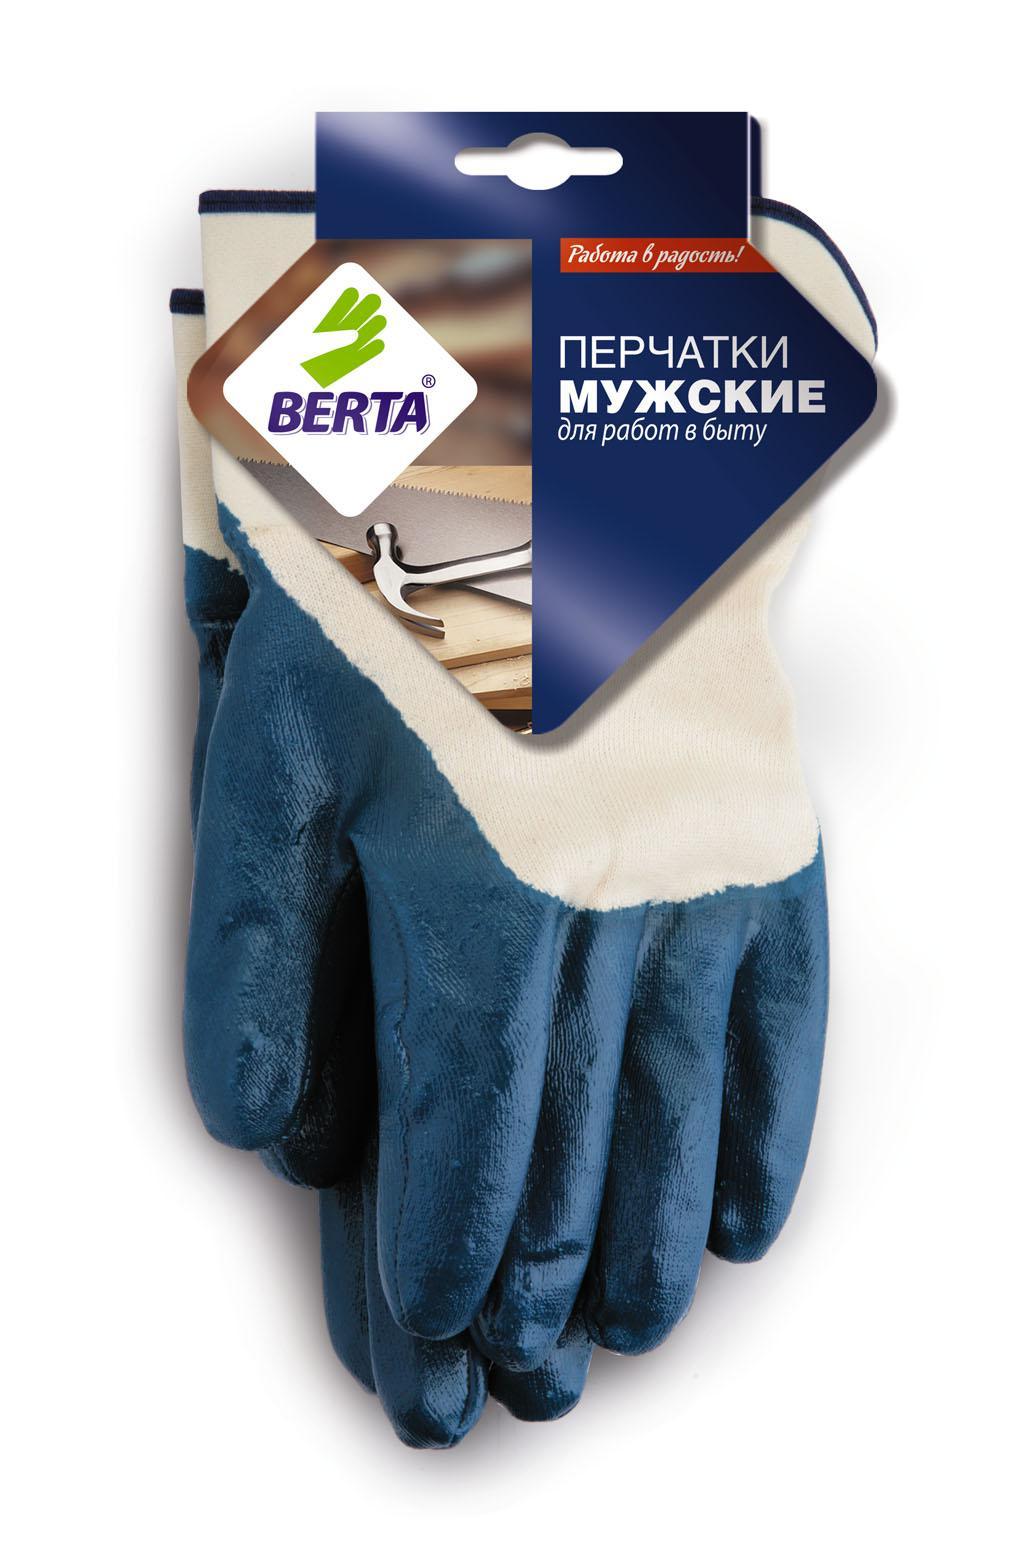 Перчатки БЕРТА 550